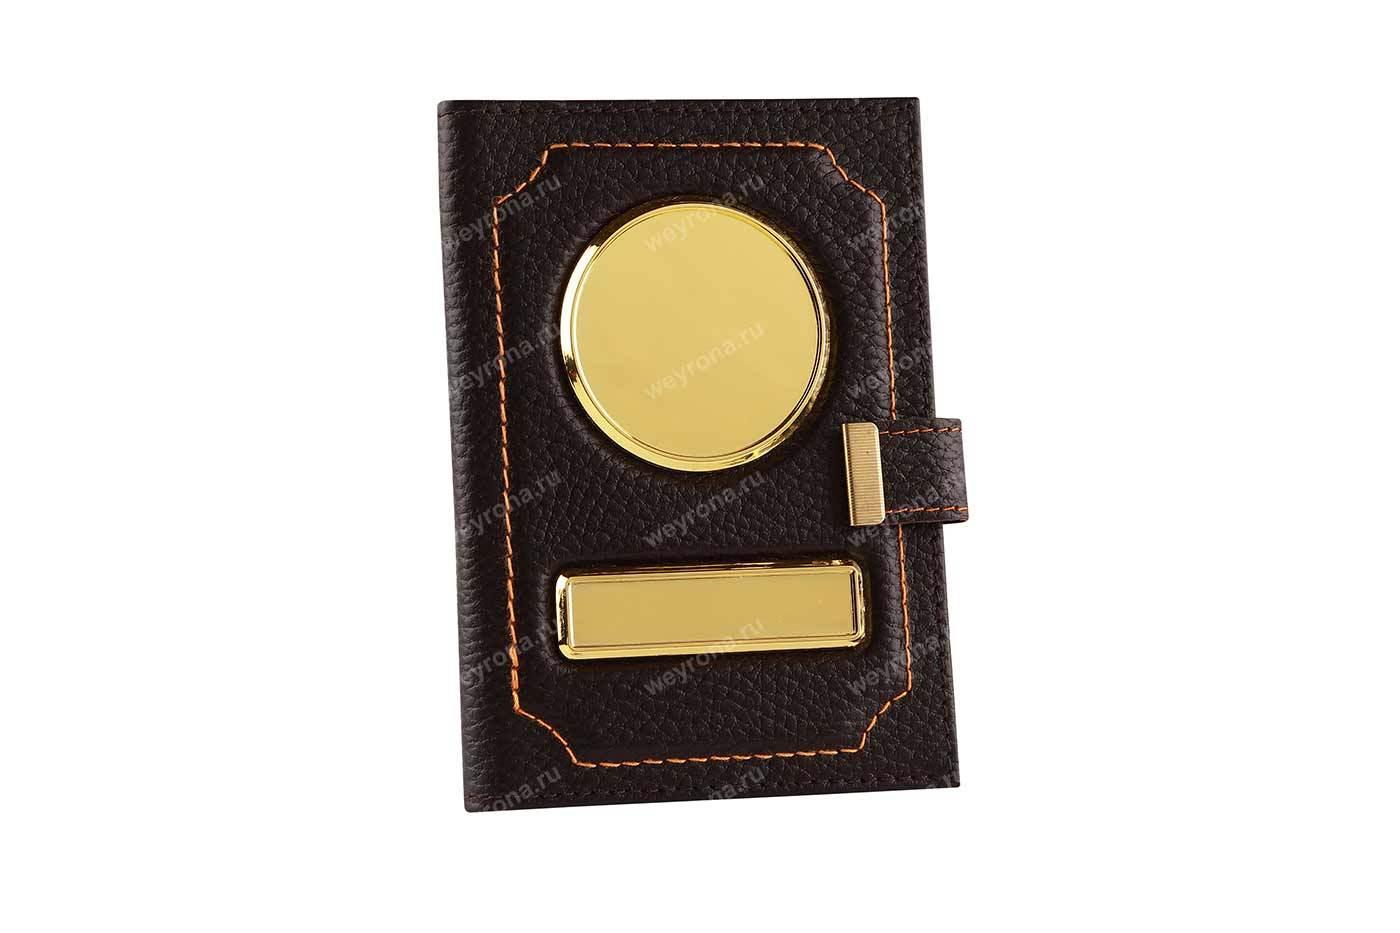 Обложка гос номер с заклепкой 3 в 1 флотер коричневый